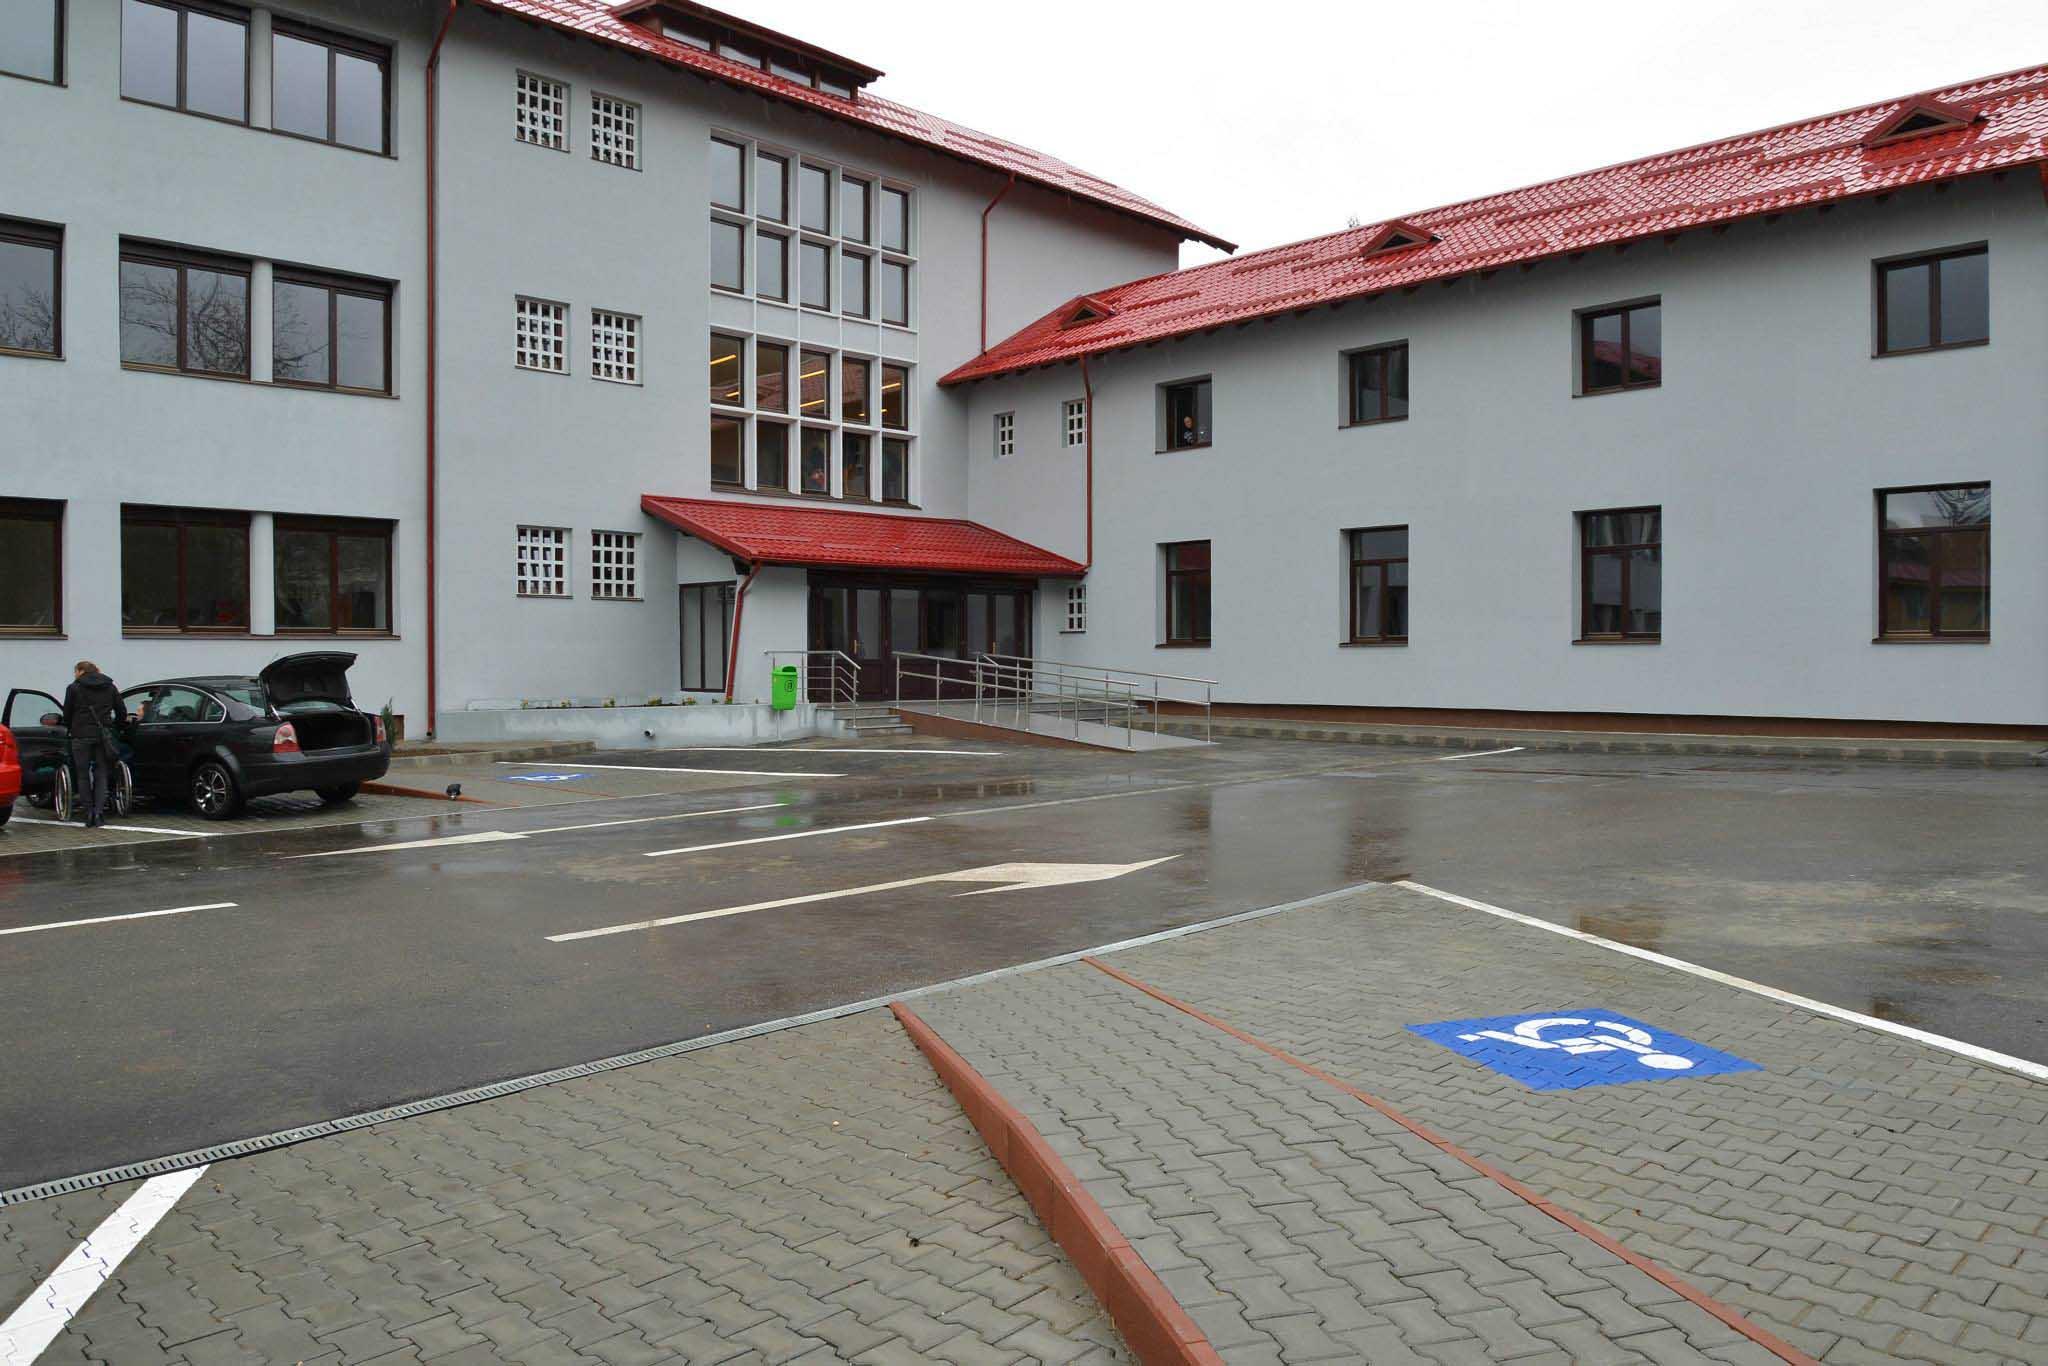 Un nou punct de recoltare pentru testele RT-PCR și un call center COVID vor fi înființate la sediul Direcției de Asistență Socială – Biz Brasov